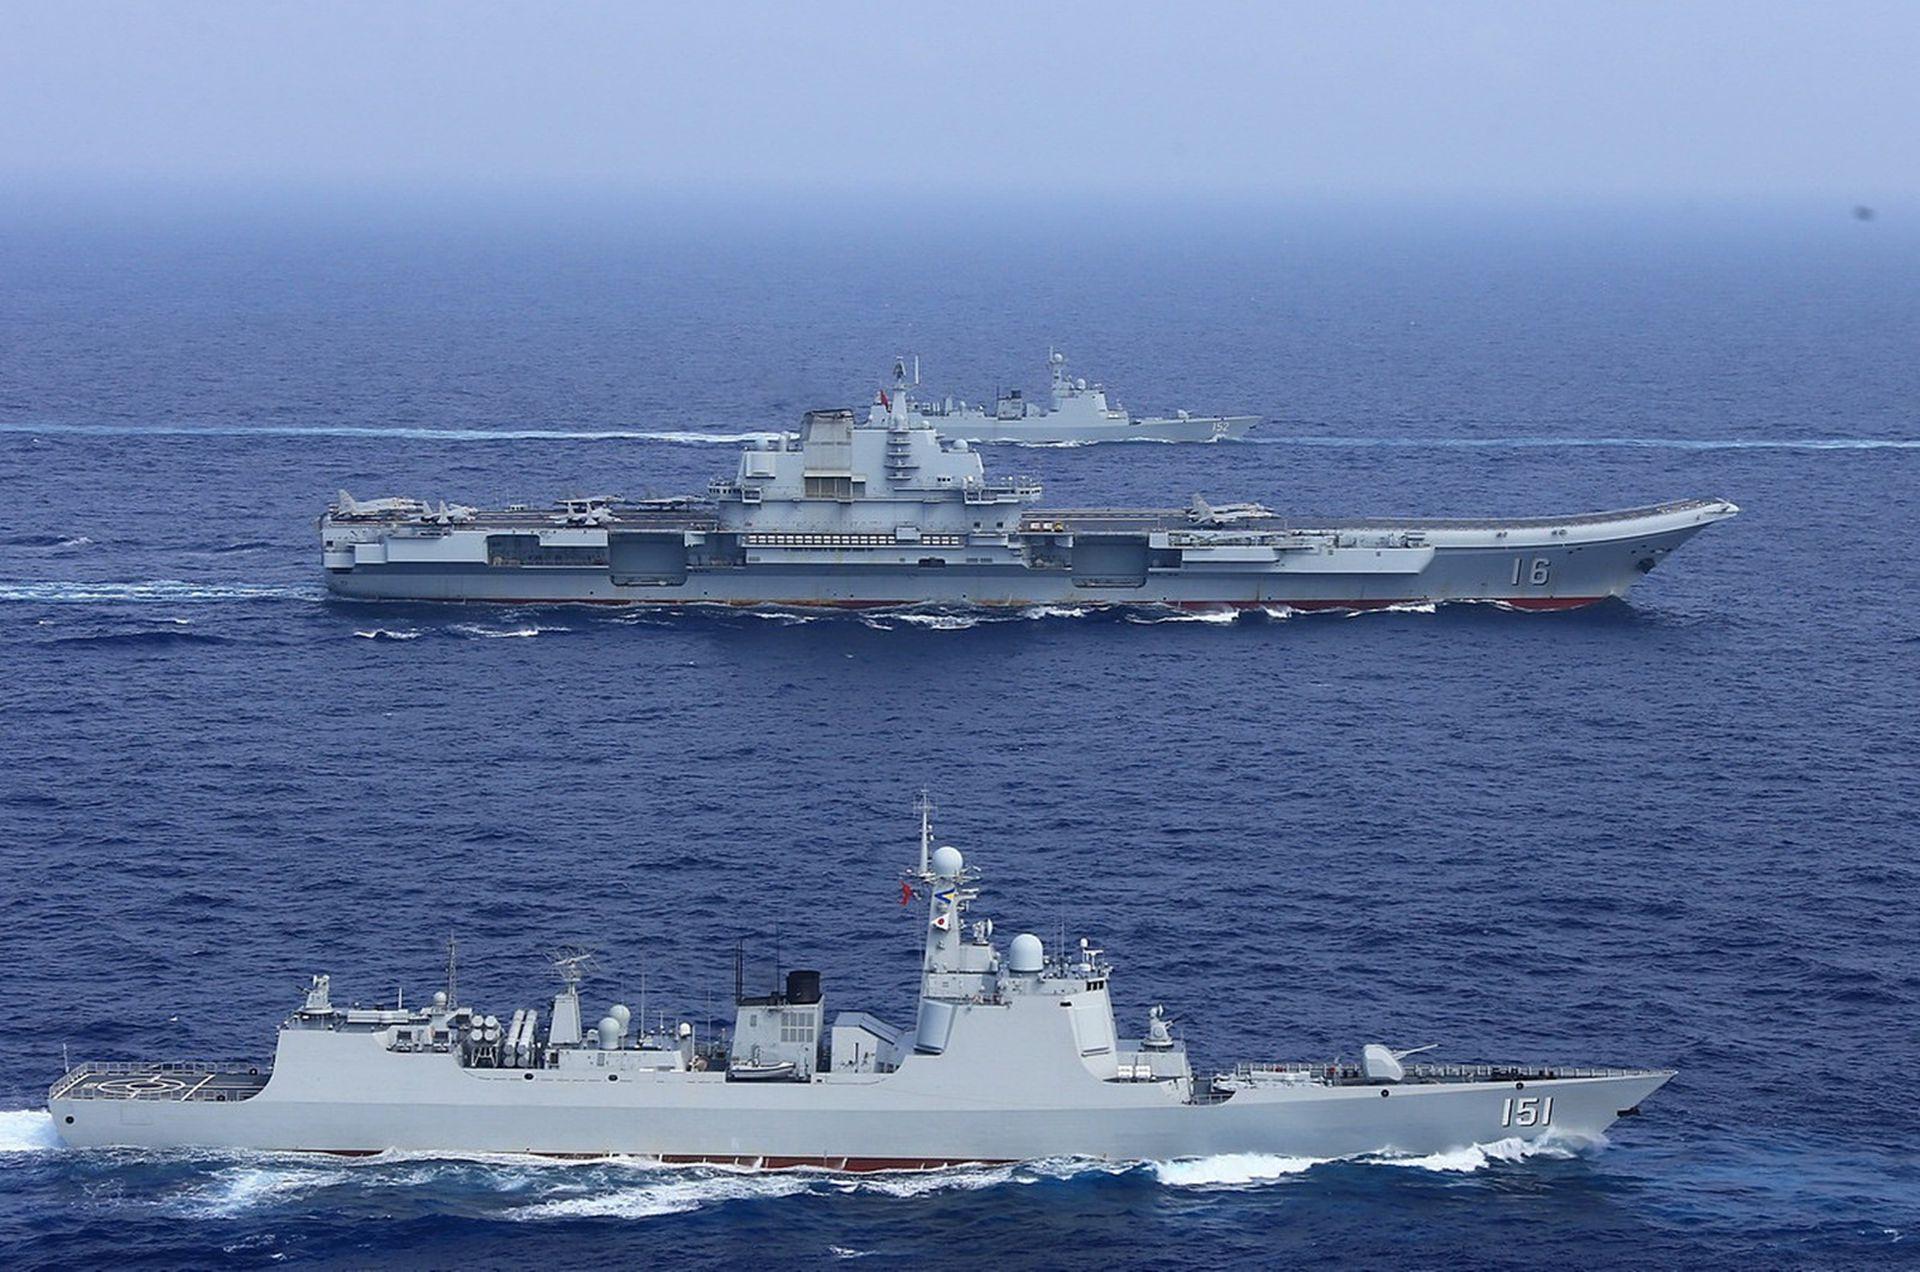 2艘航母32艘盾舰!中国海军3年半主力翻倍,新盾舰超日本海自总数